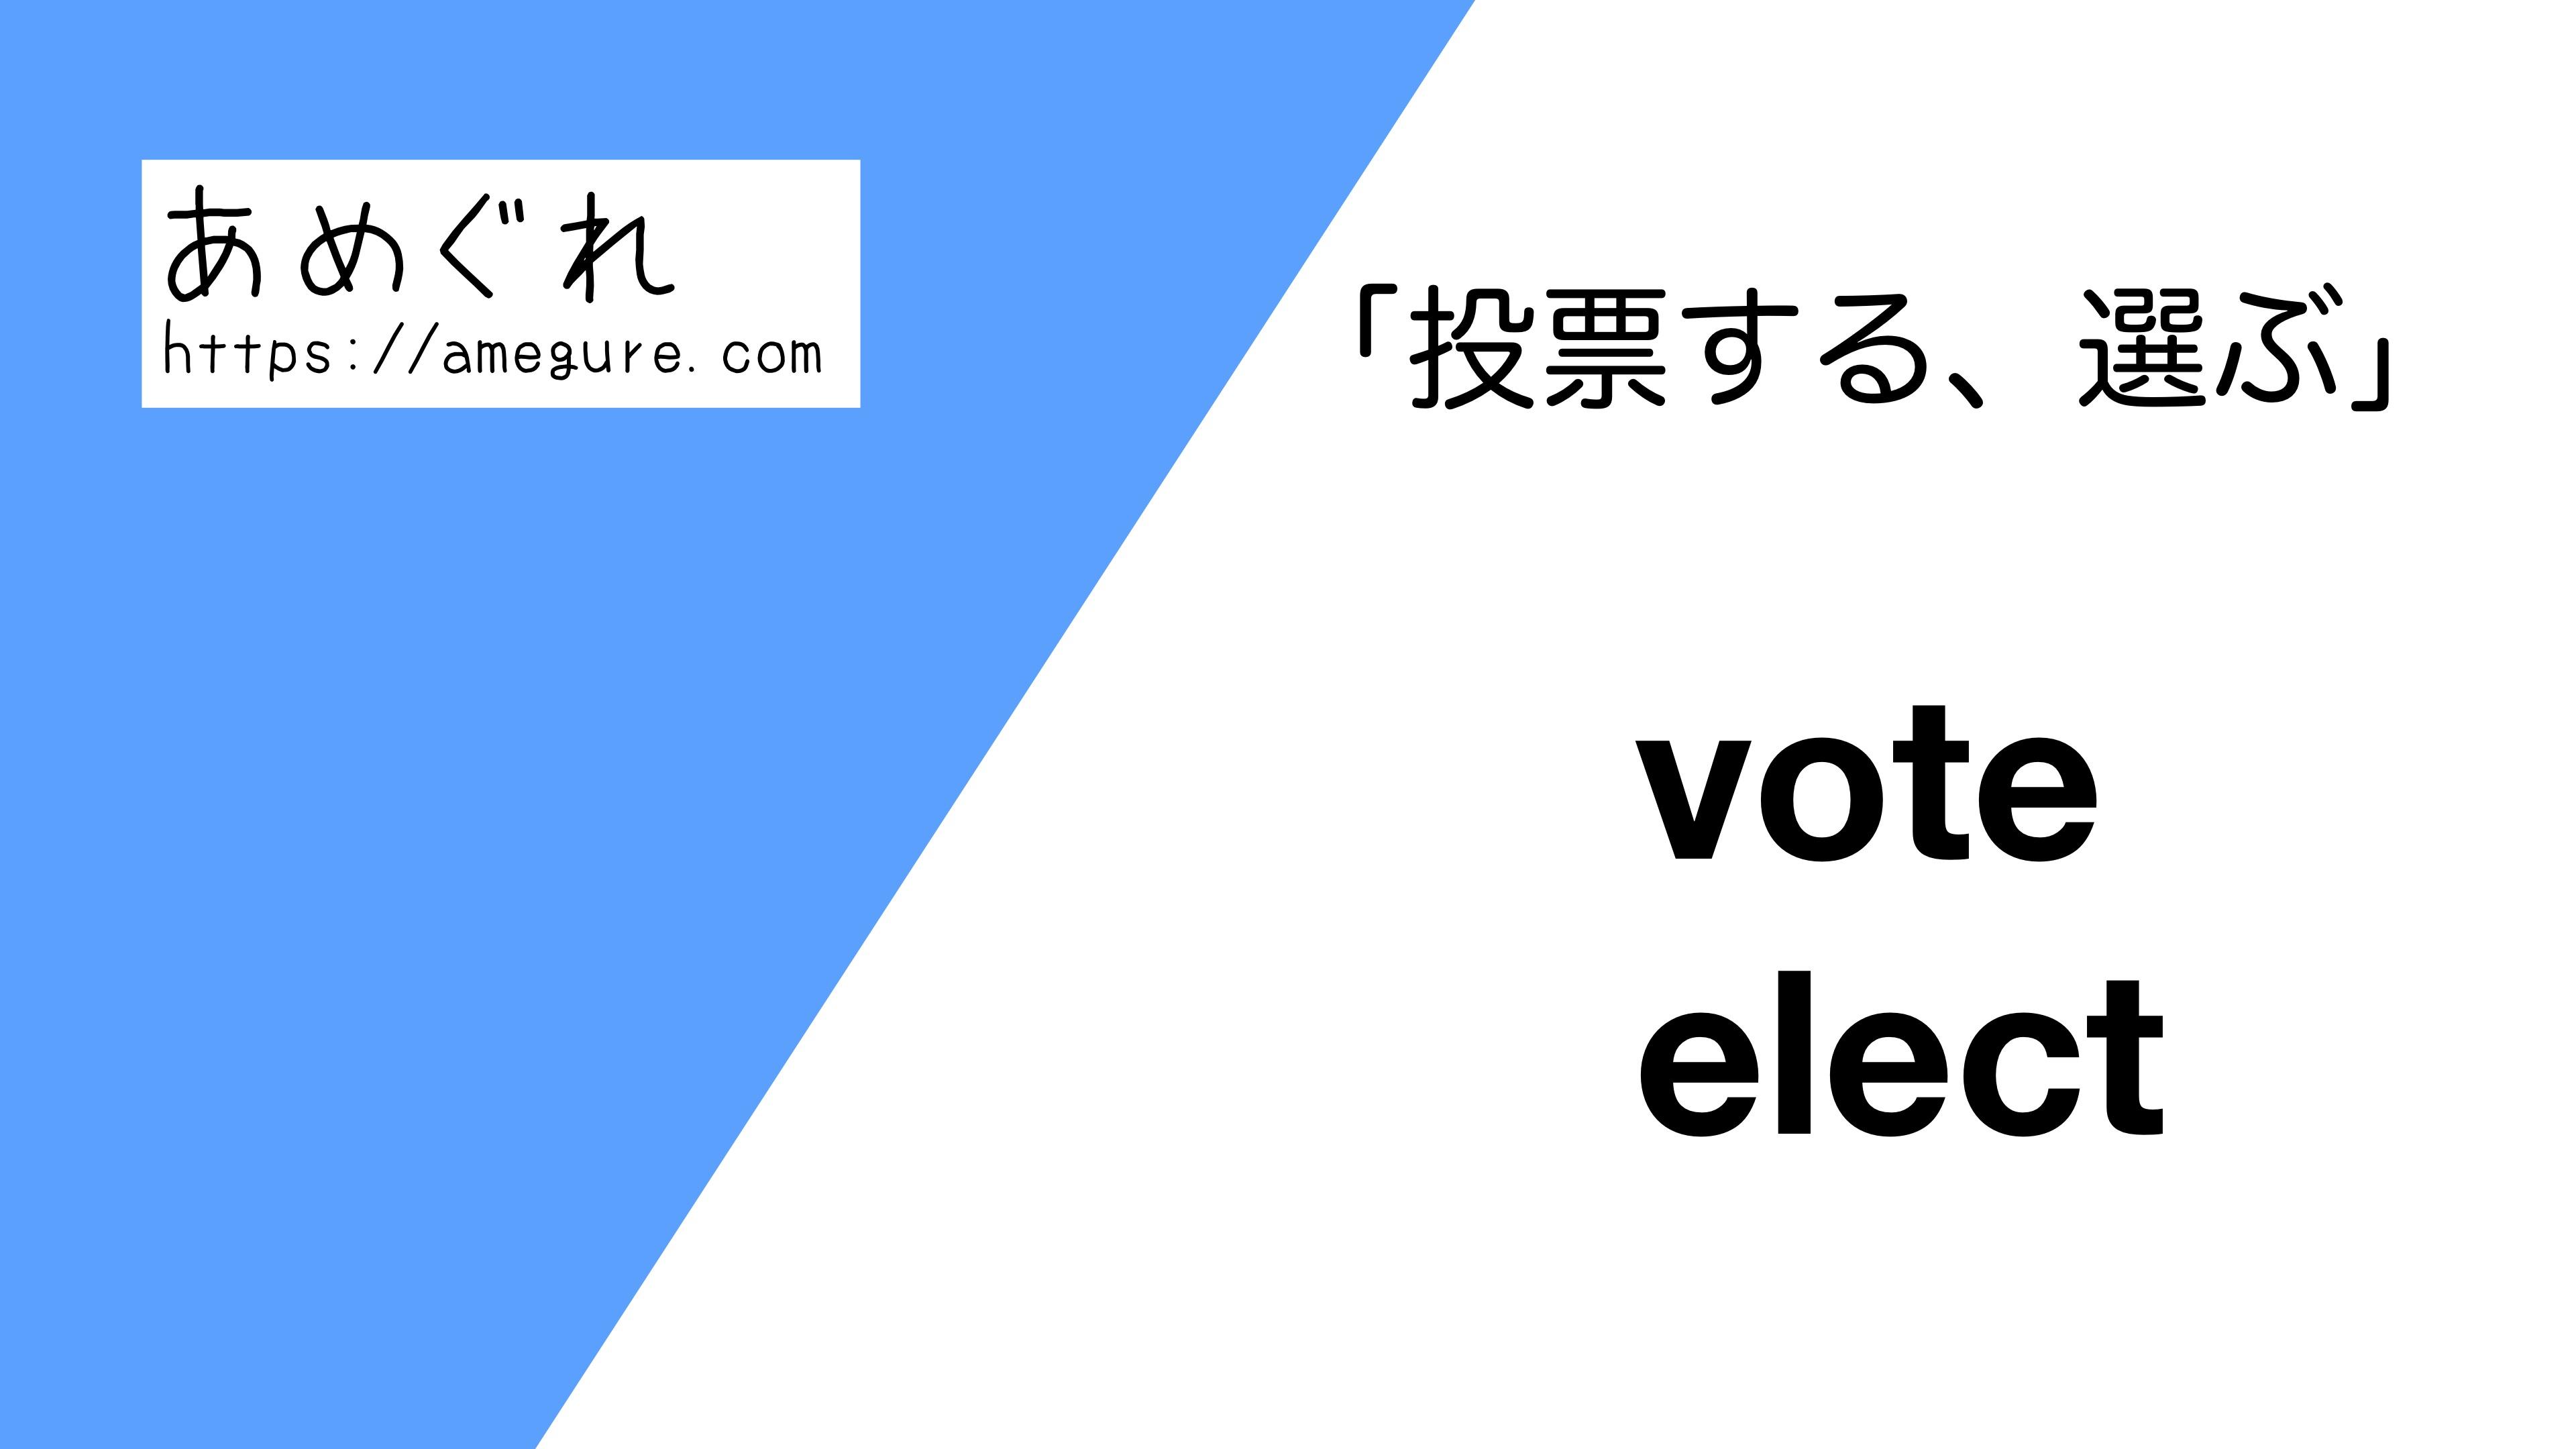 vote-elect違い